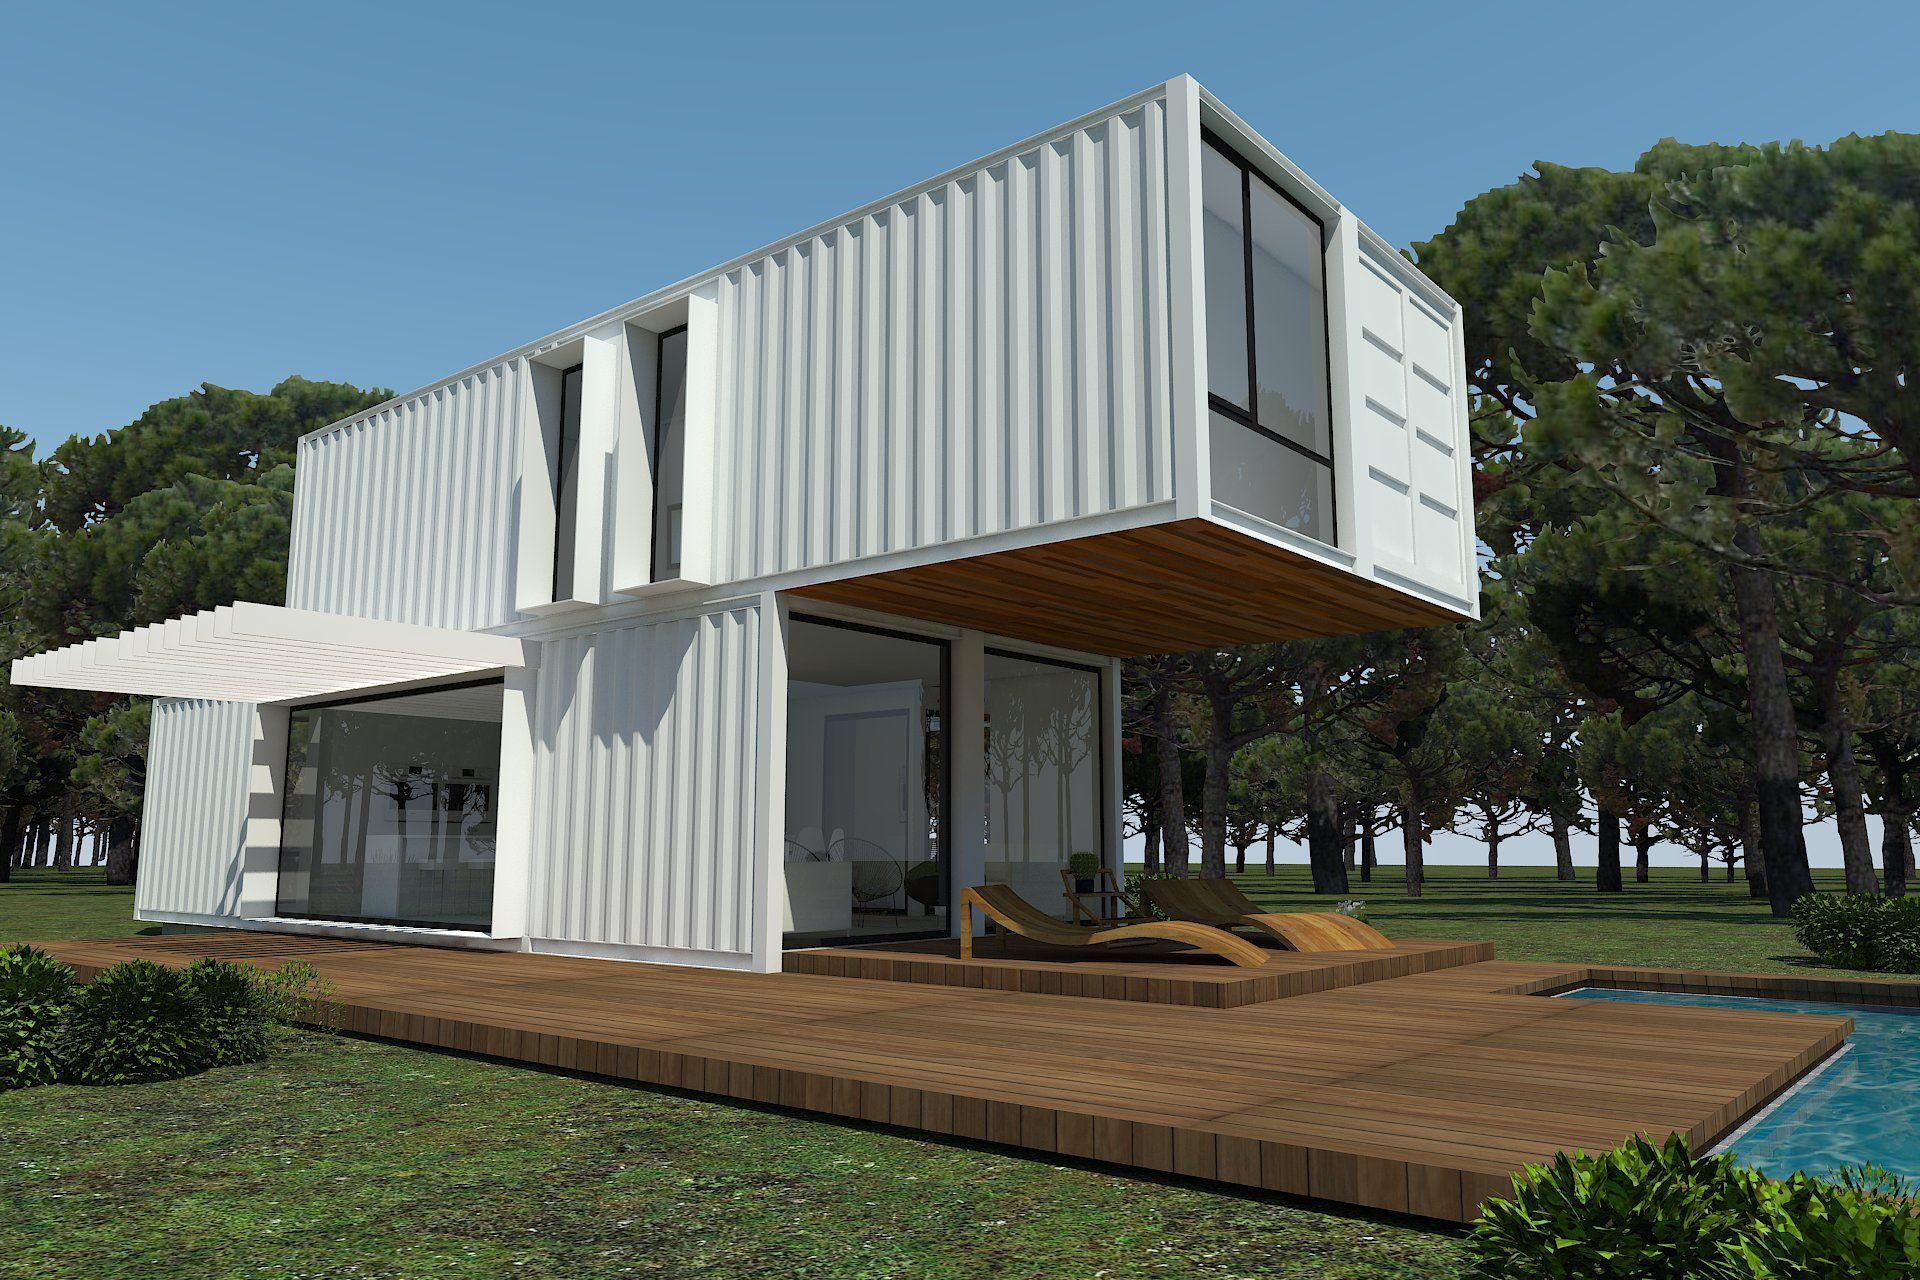 H kub casas prefabricadas en contenedores mar timos - Contenedores casas prefabricadas ...